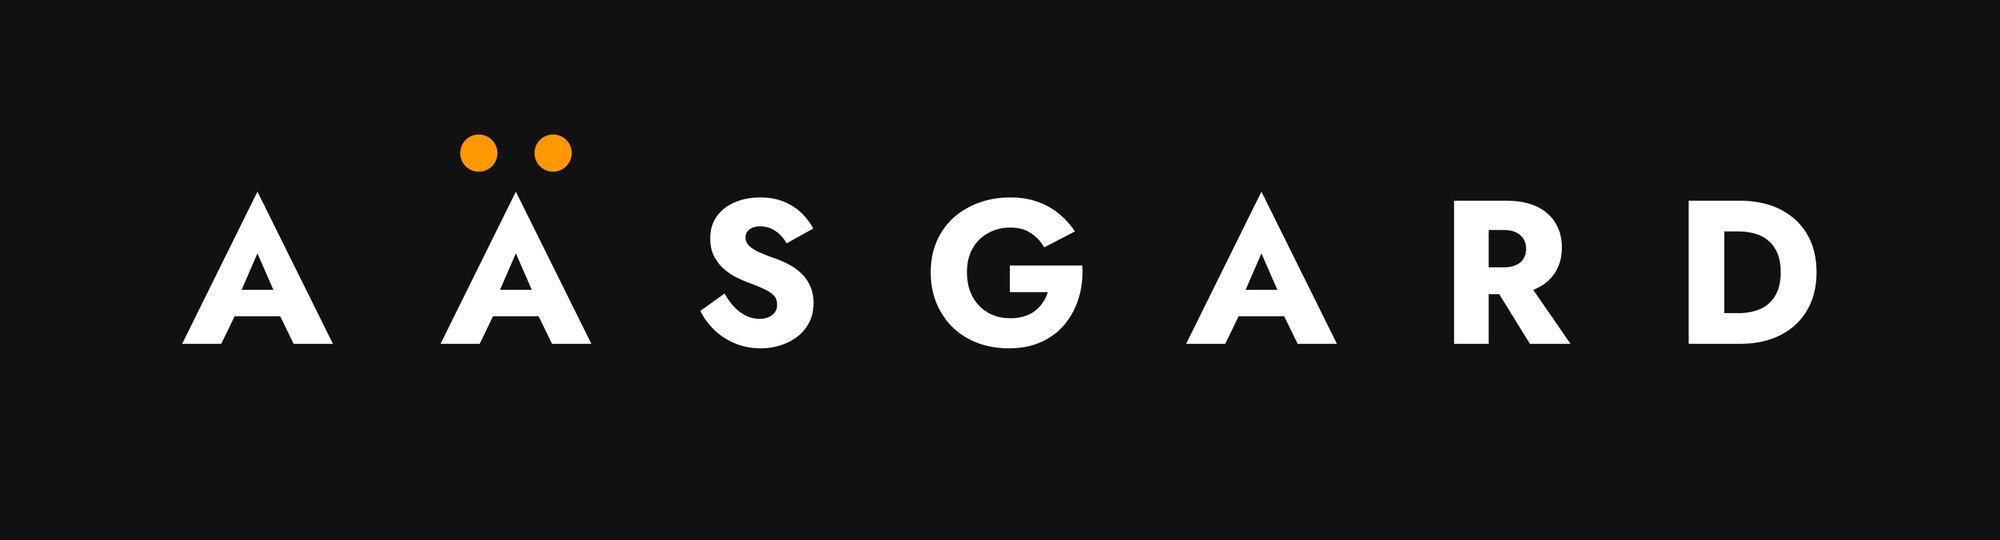 Copie de Logo-Aasgard_Noir_RVB_Ap